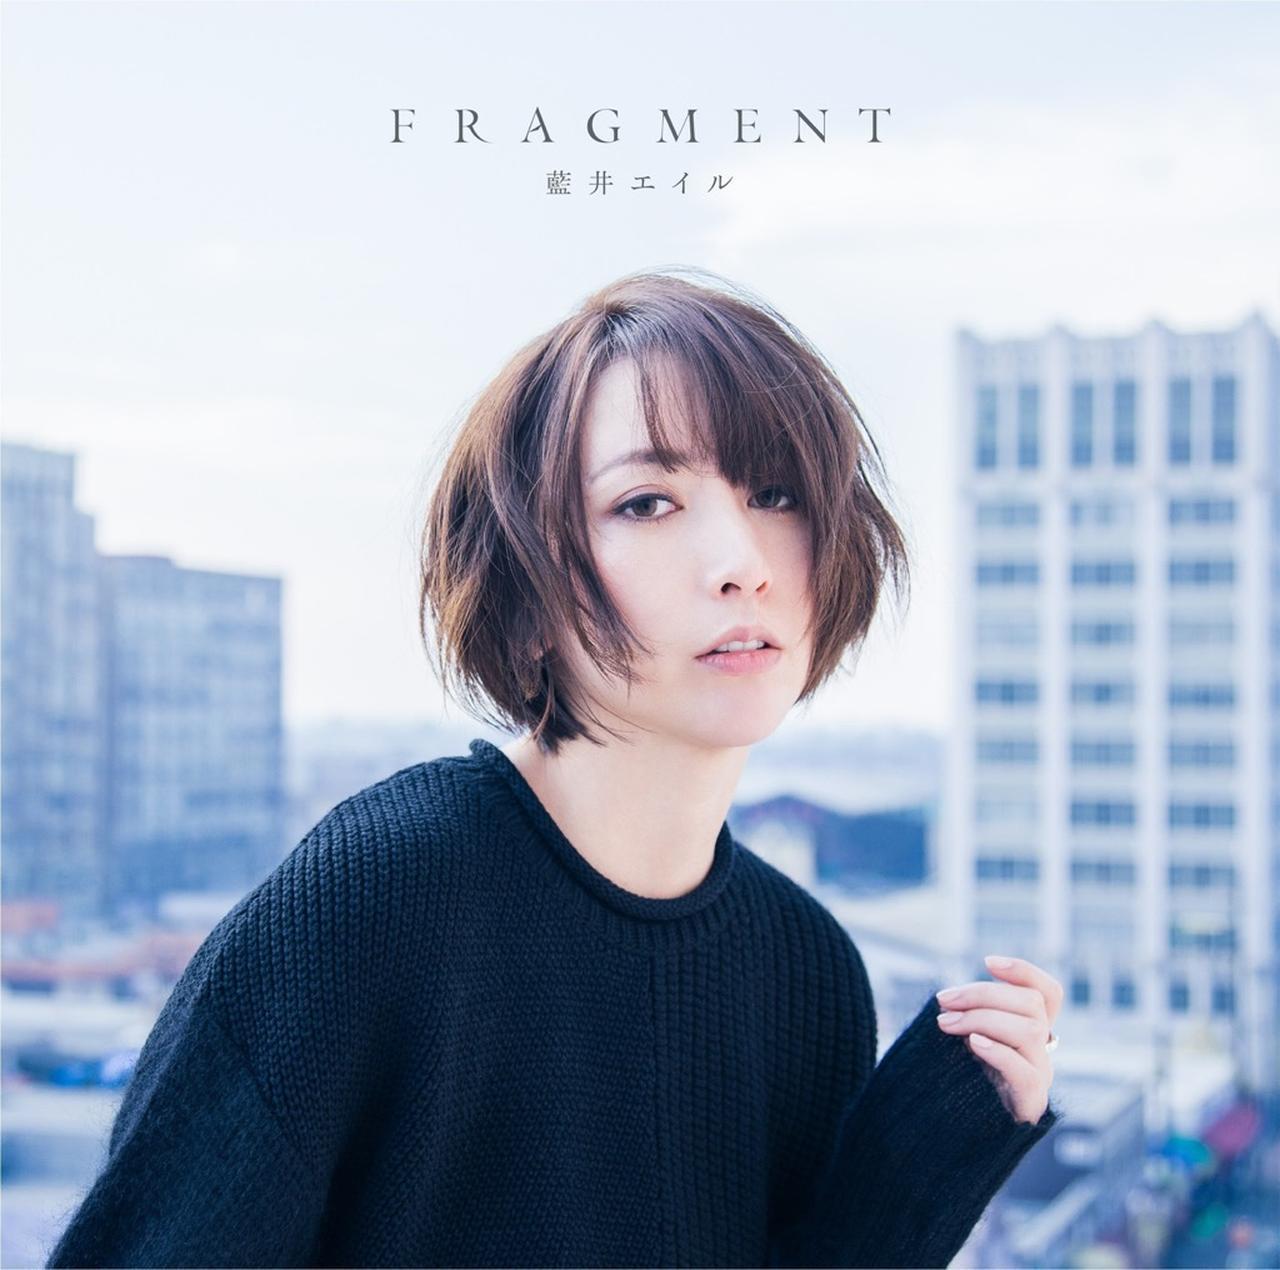 画像: FRAGMENT (Special Edition) / 藍井エイル